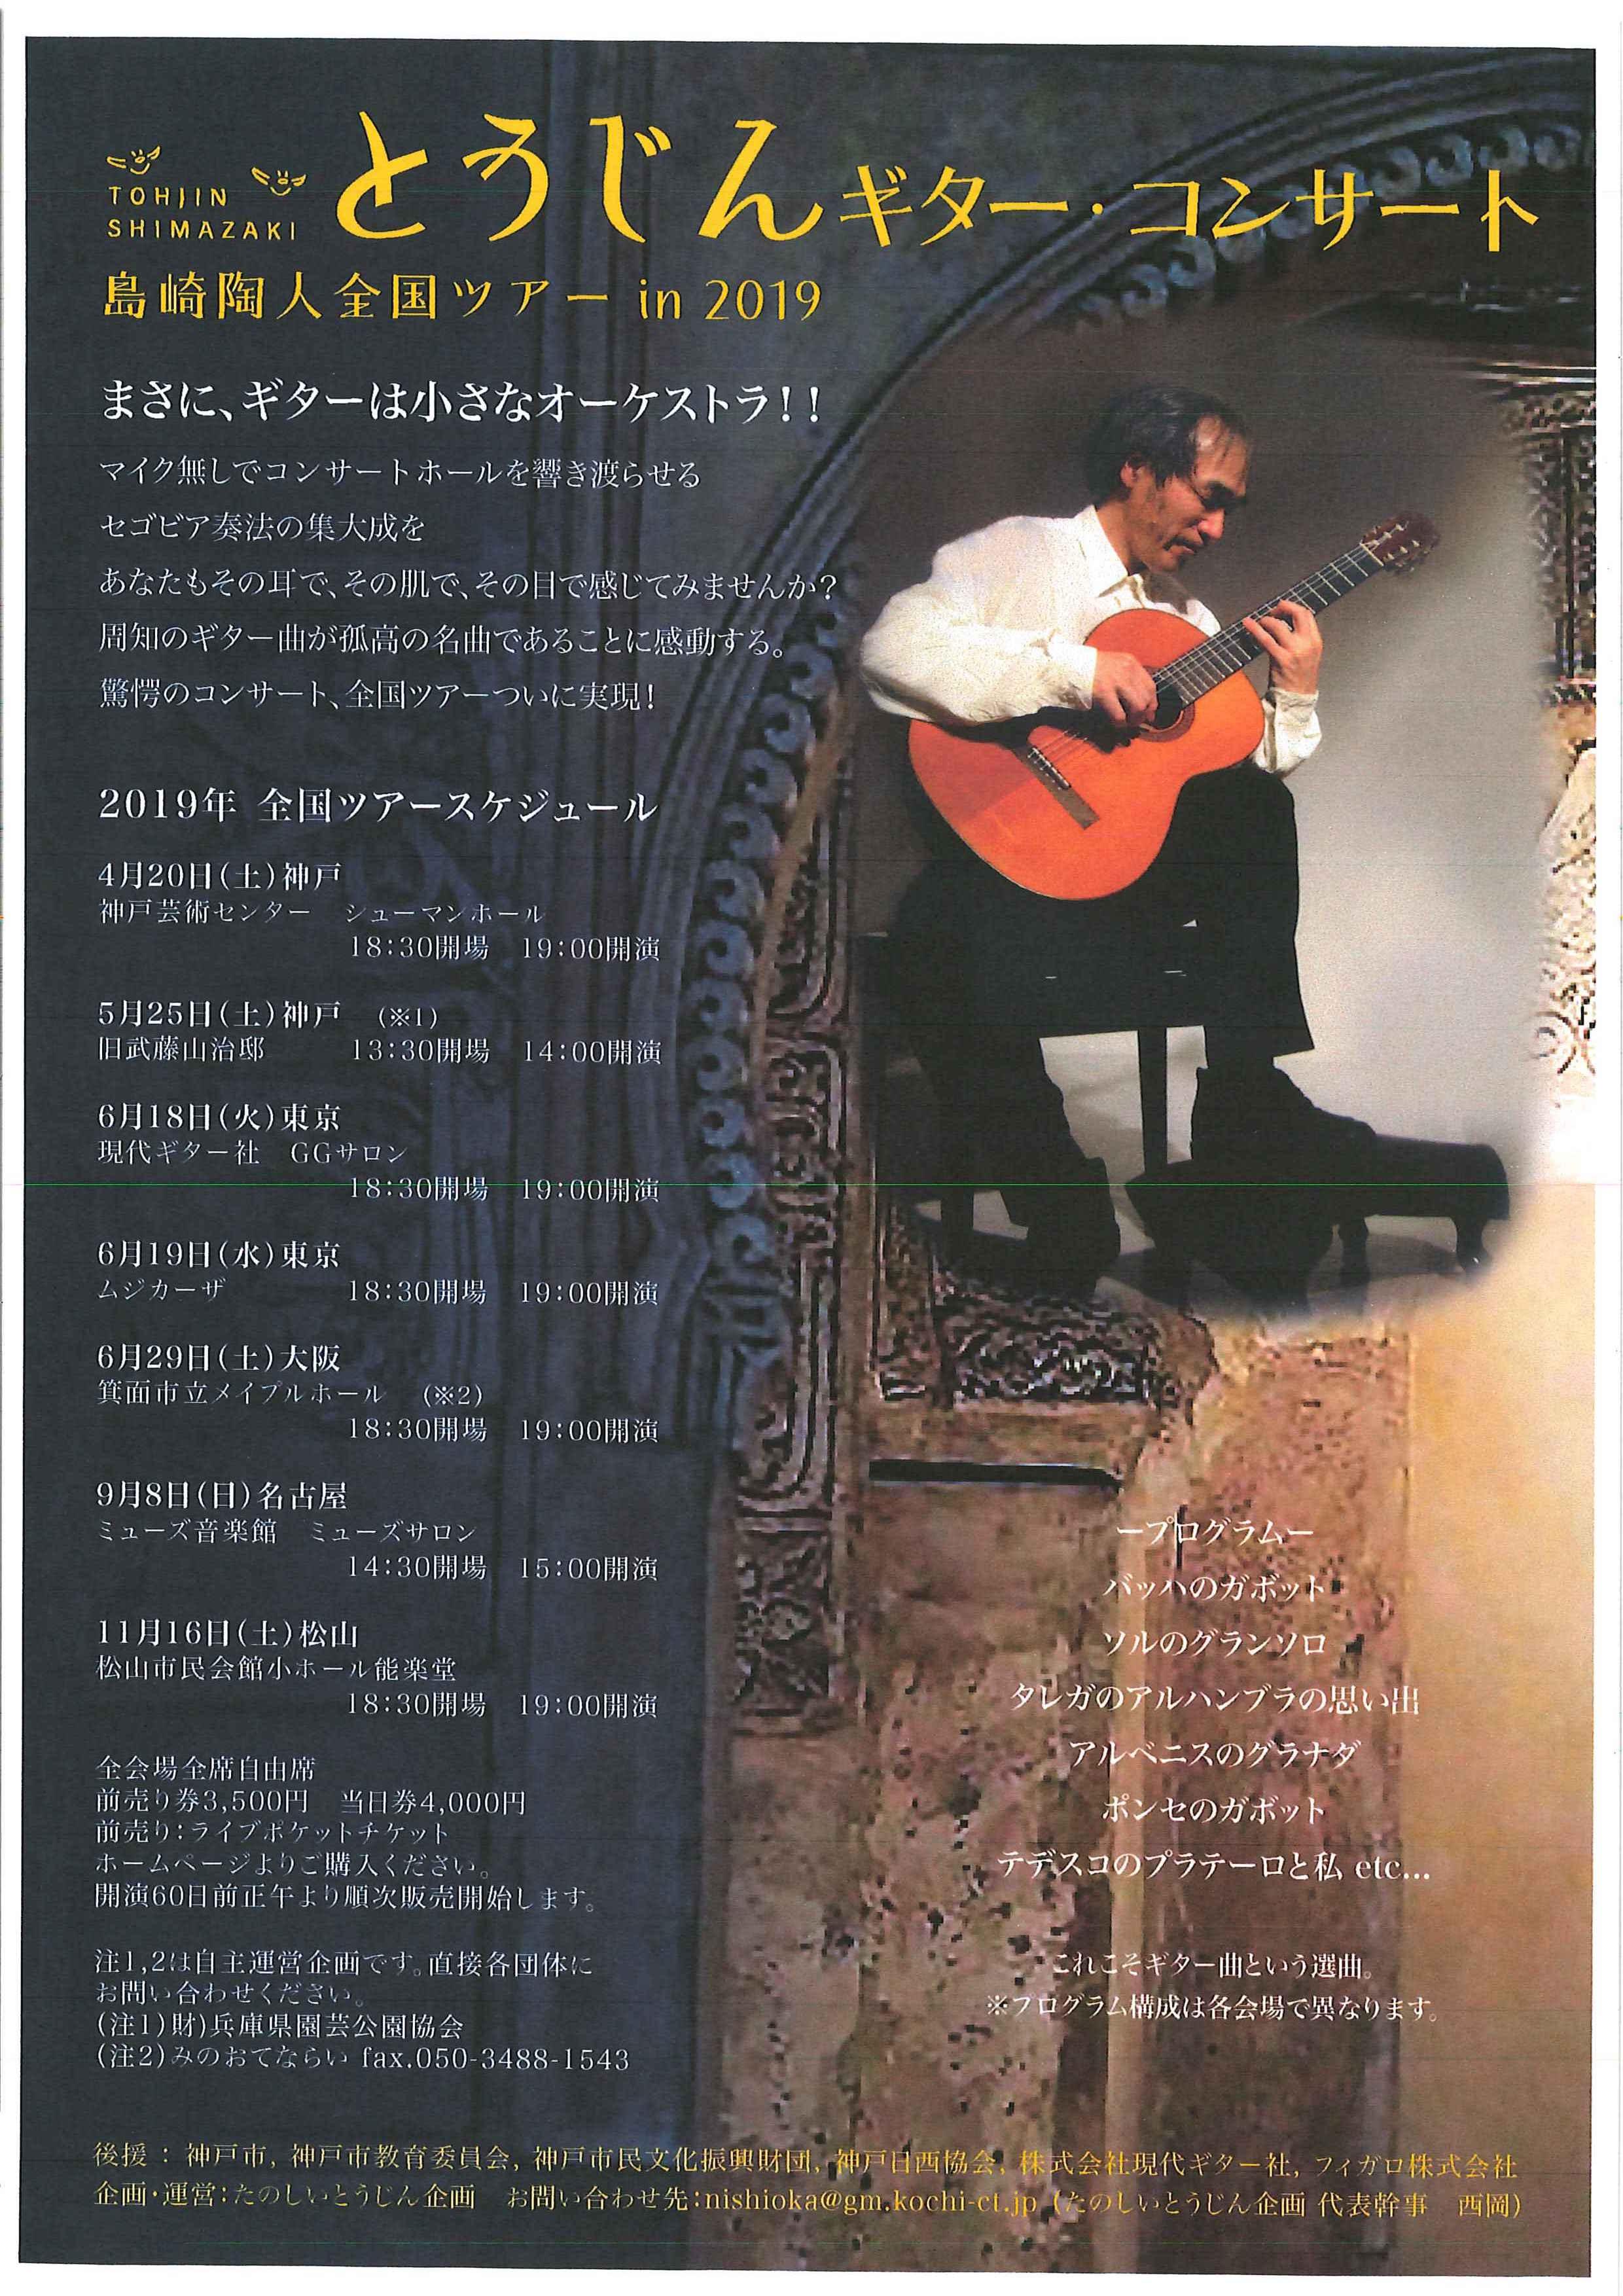 とうじんギターコンサート全国ツアーin2019  神戸